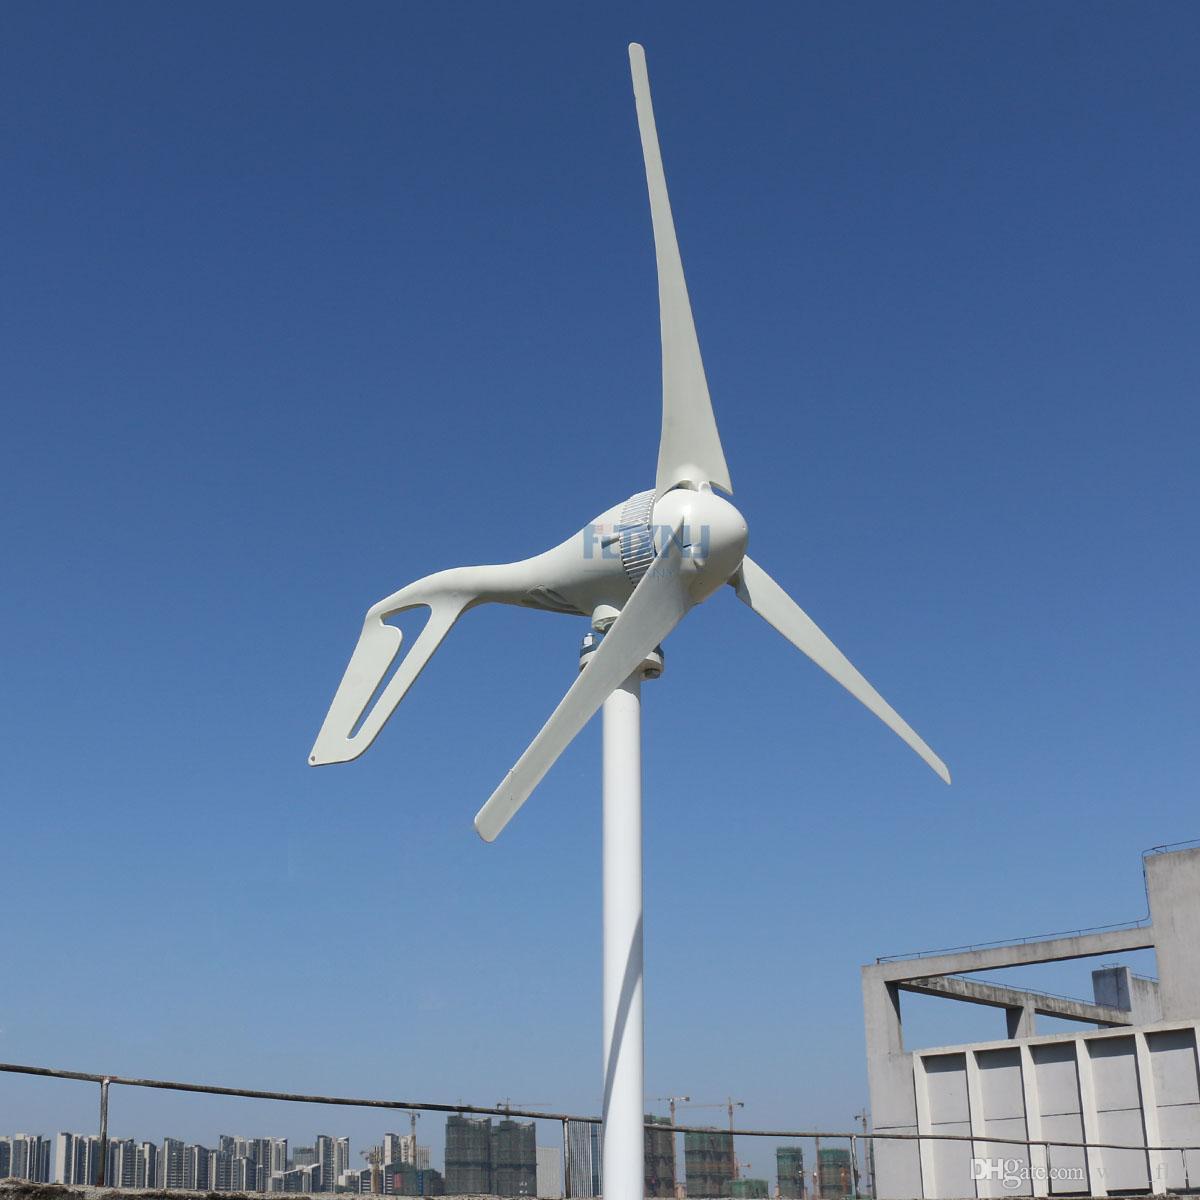 6bcf6b103f8 Compre Nylon 5 Palas 3 Aspas Pequeño Generador De Turbina Eólica Para  Sistema De Farola Híbrida Eólica Solar 100w 200w 300w 400w 12v   24v   48v  HAWT A ...